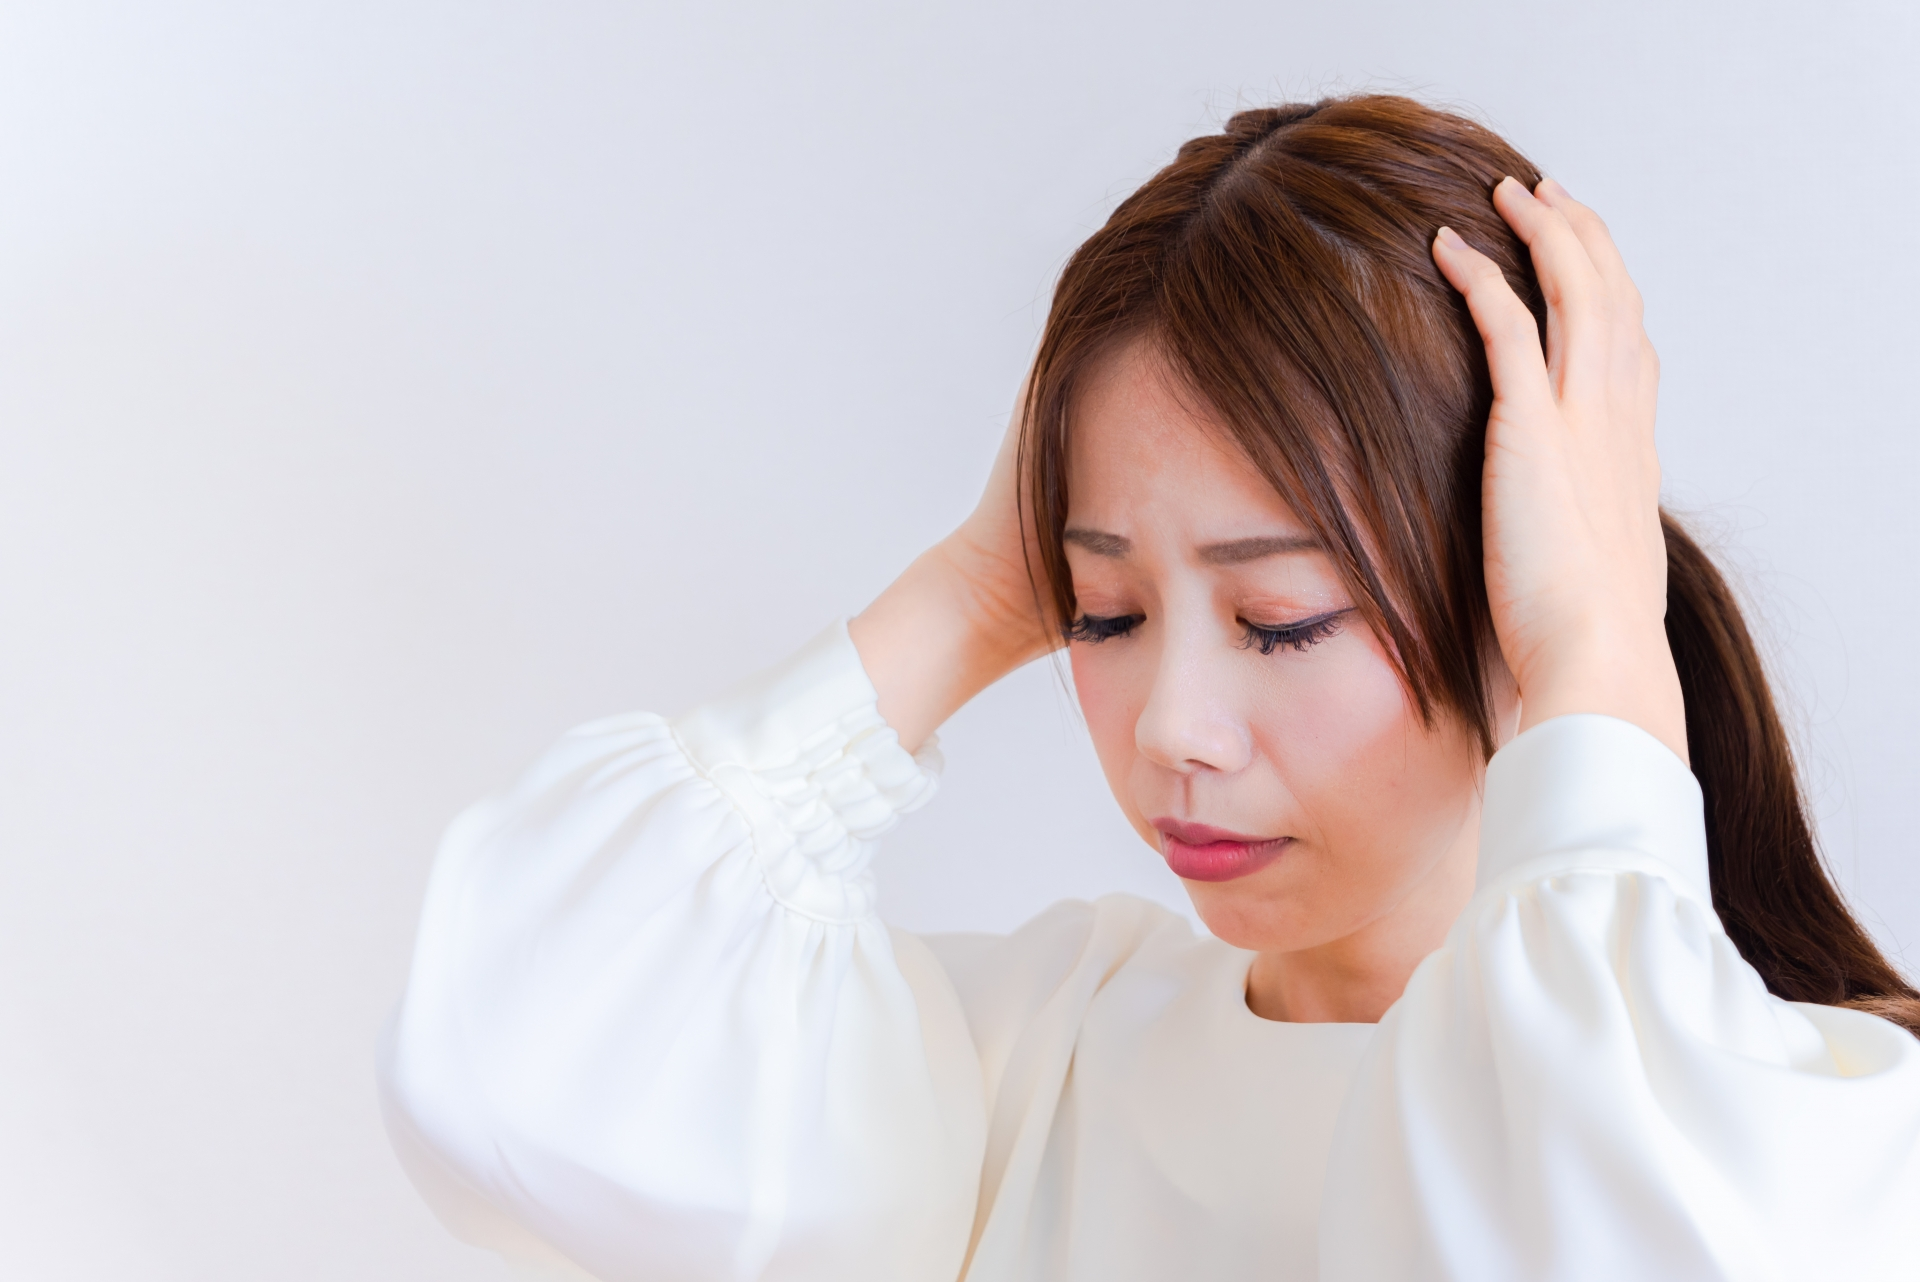 肩こりを伴う頭痛? 緊張型頭痛とは